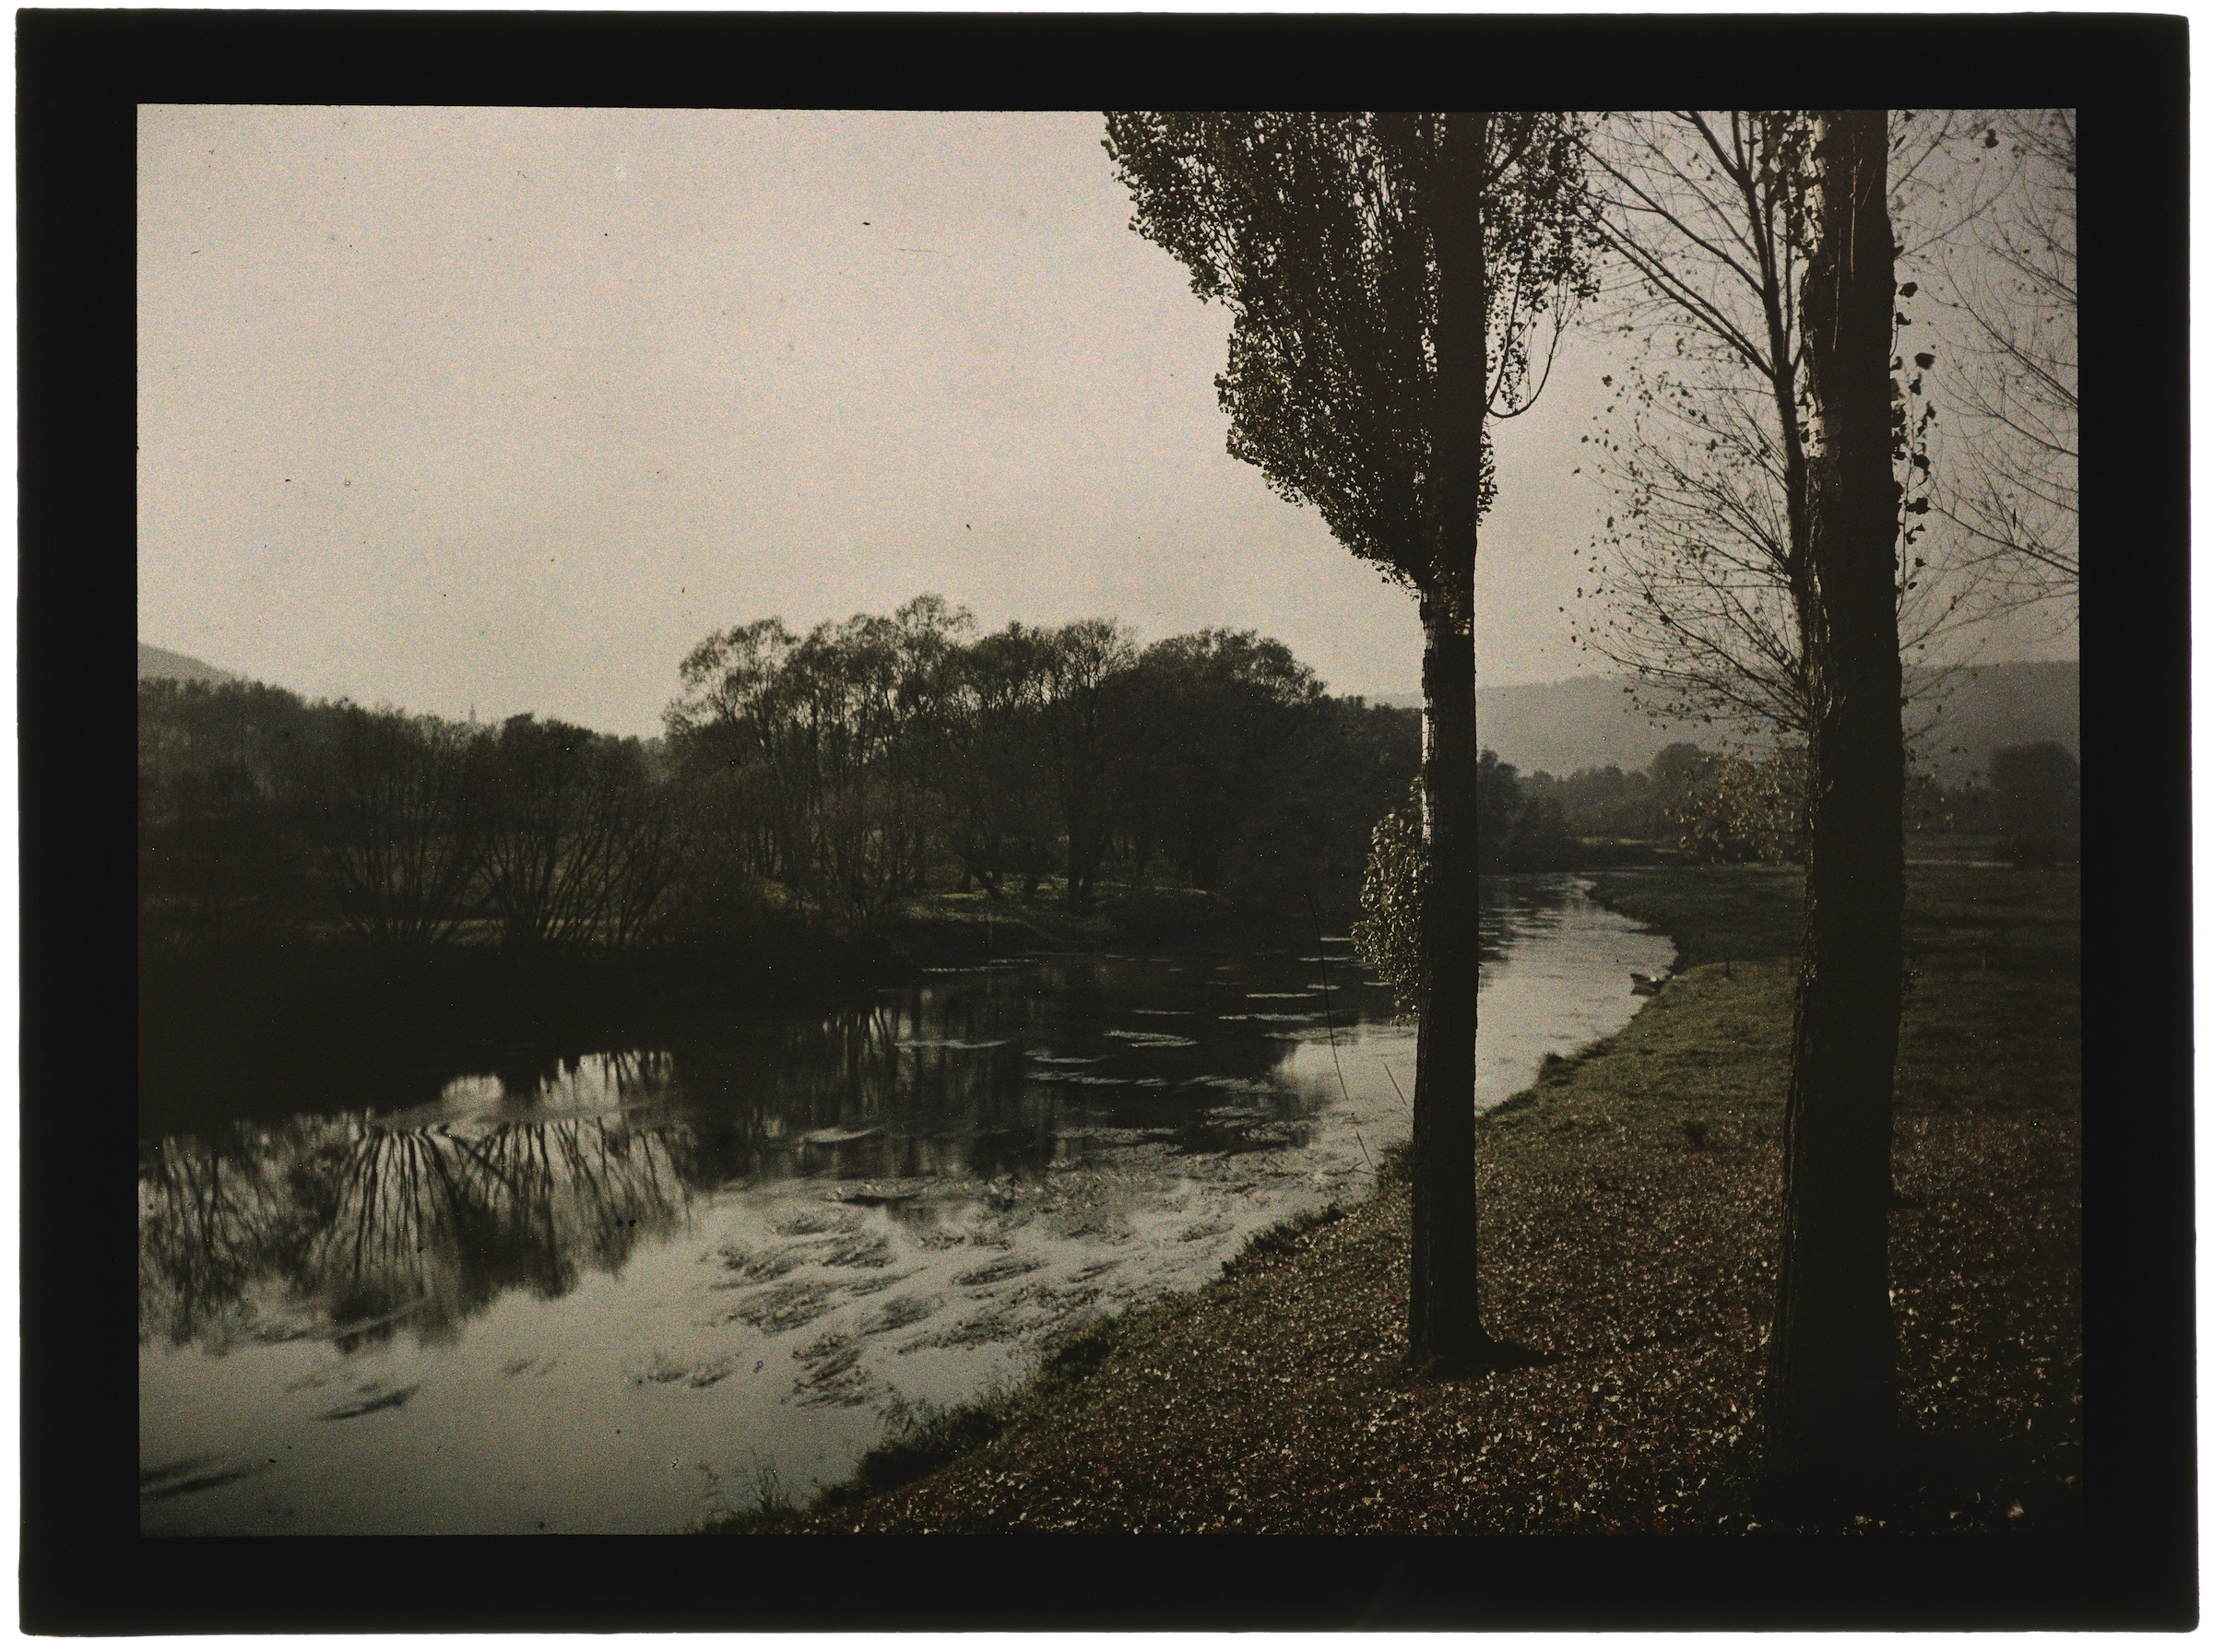 La rivière dans la campagne